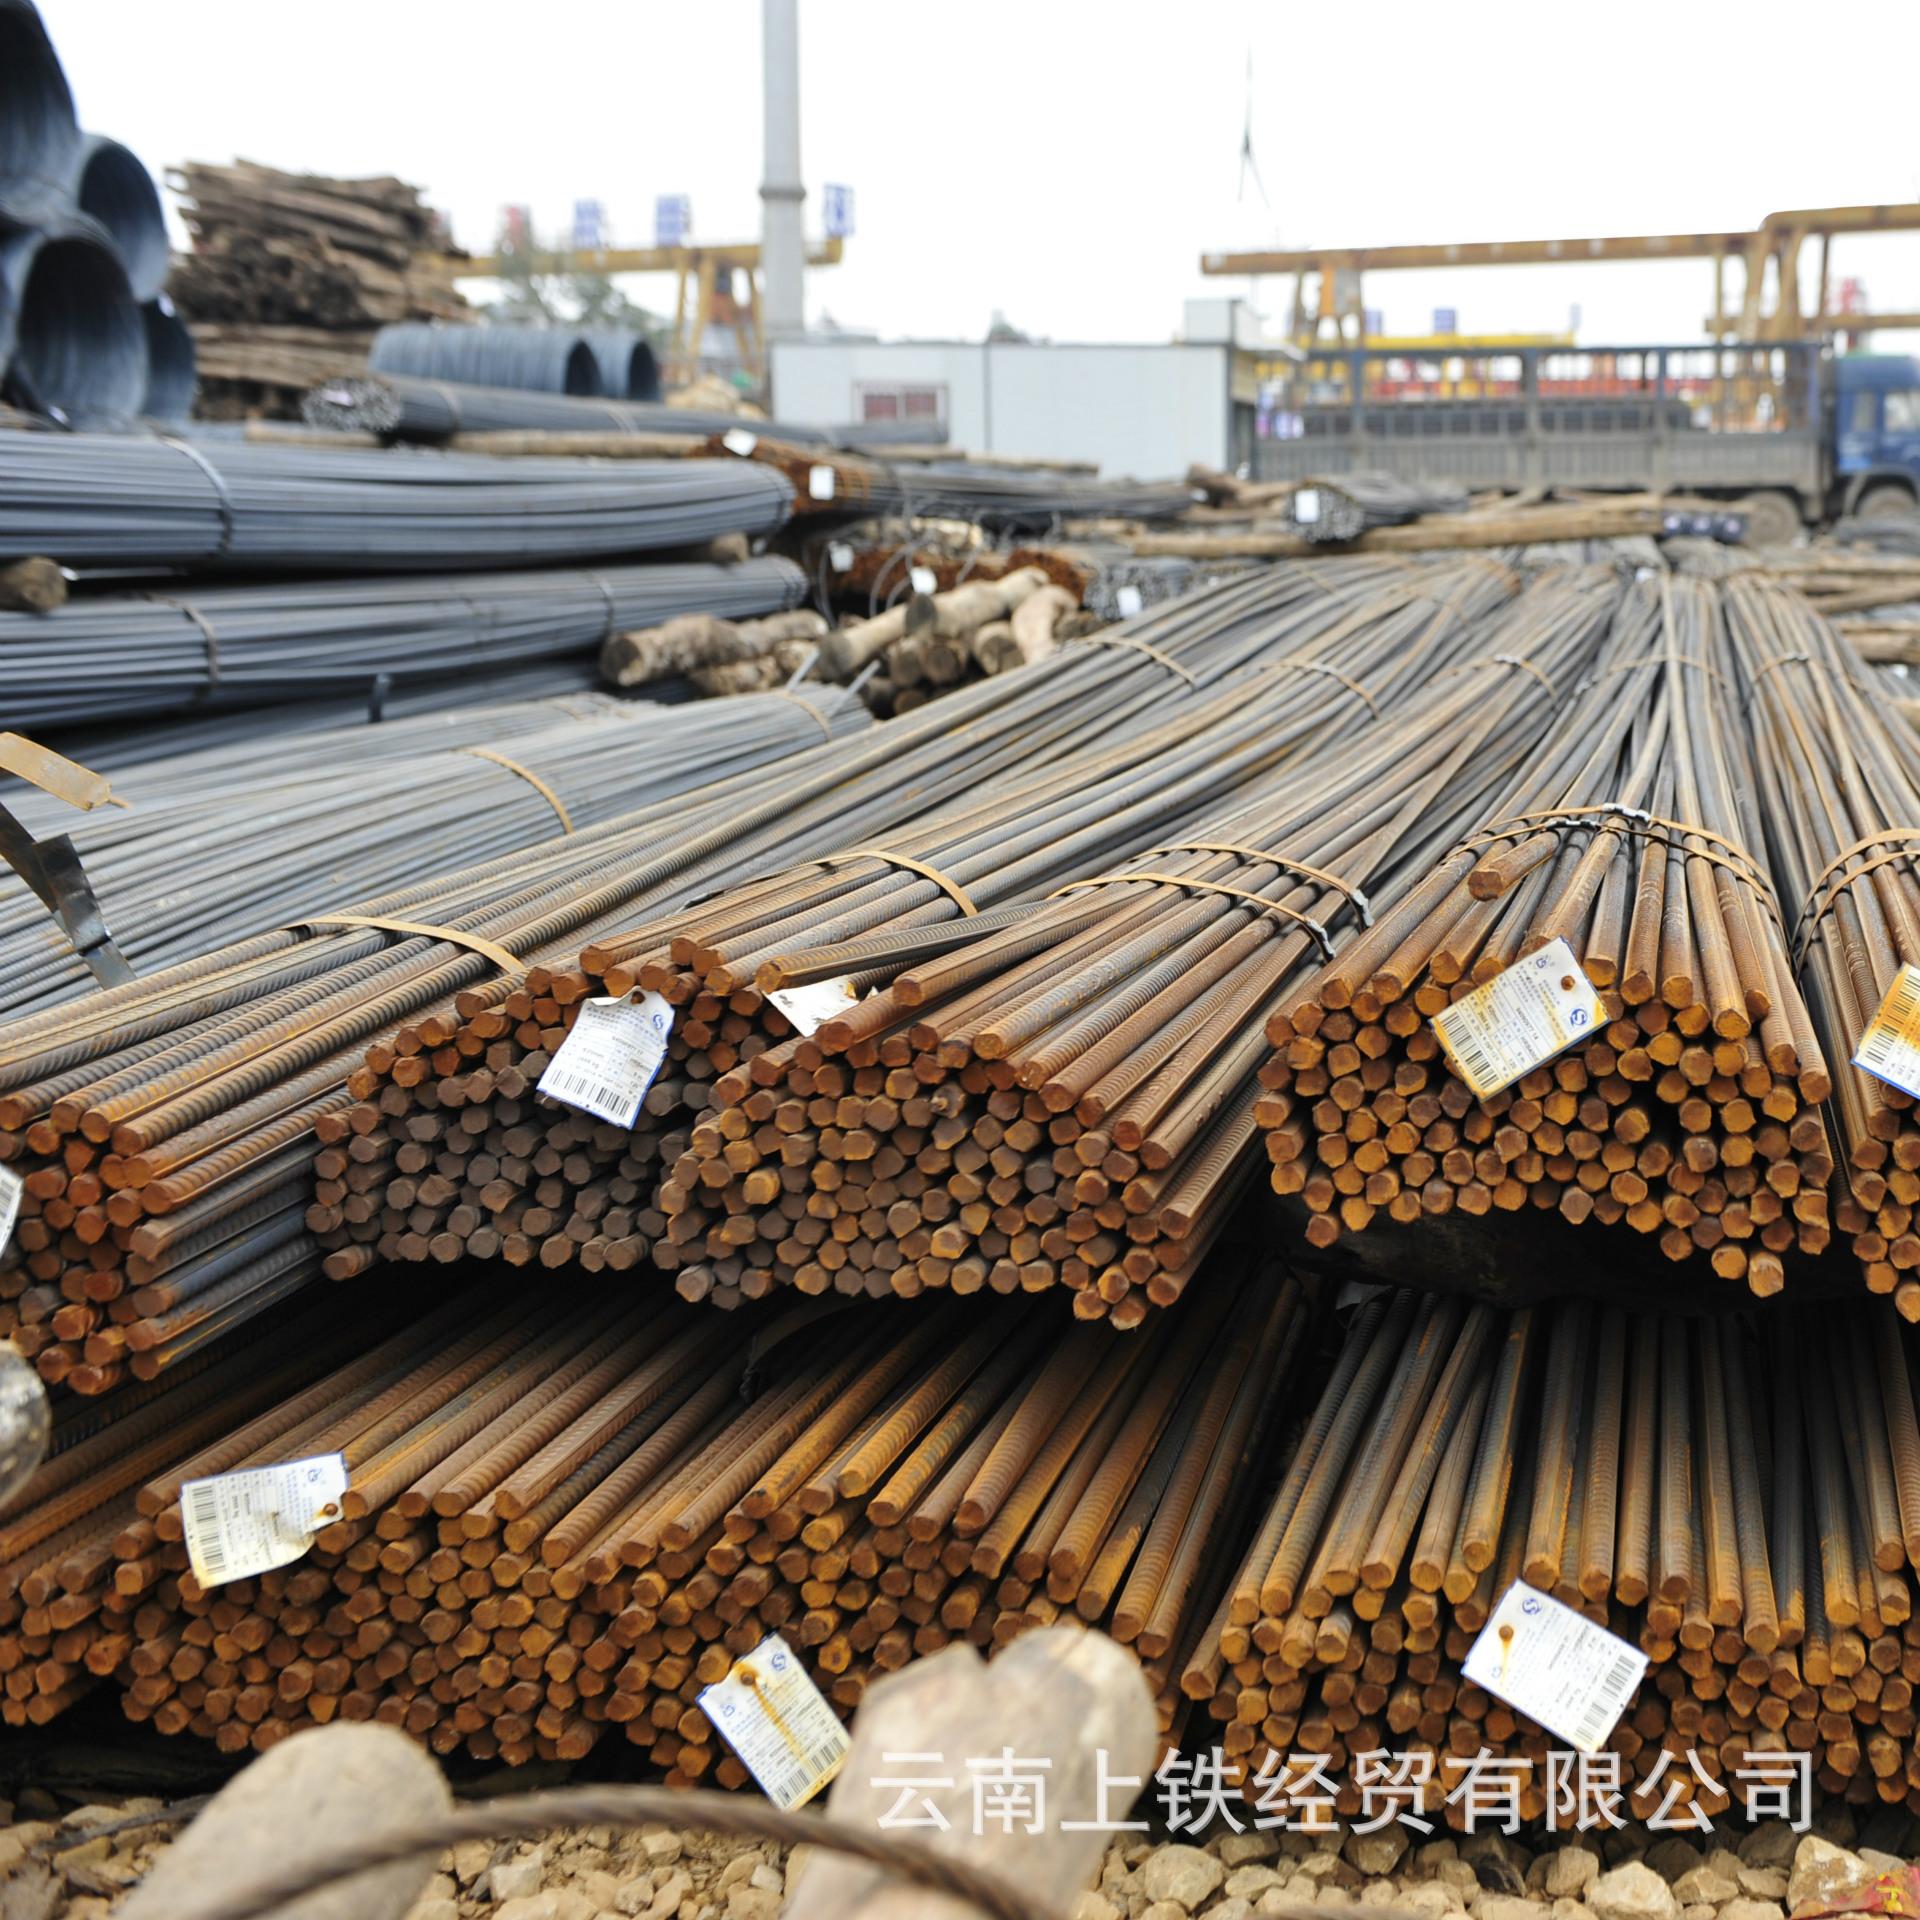 Thép gân Vân Nam Côn Minh Thương Thương Thép nhà sản xuất thép cây chất lượng cao bán hàng trực tiếp